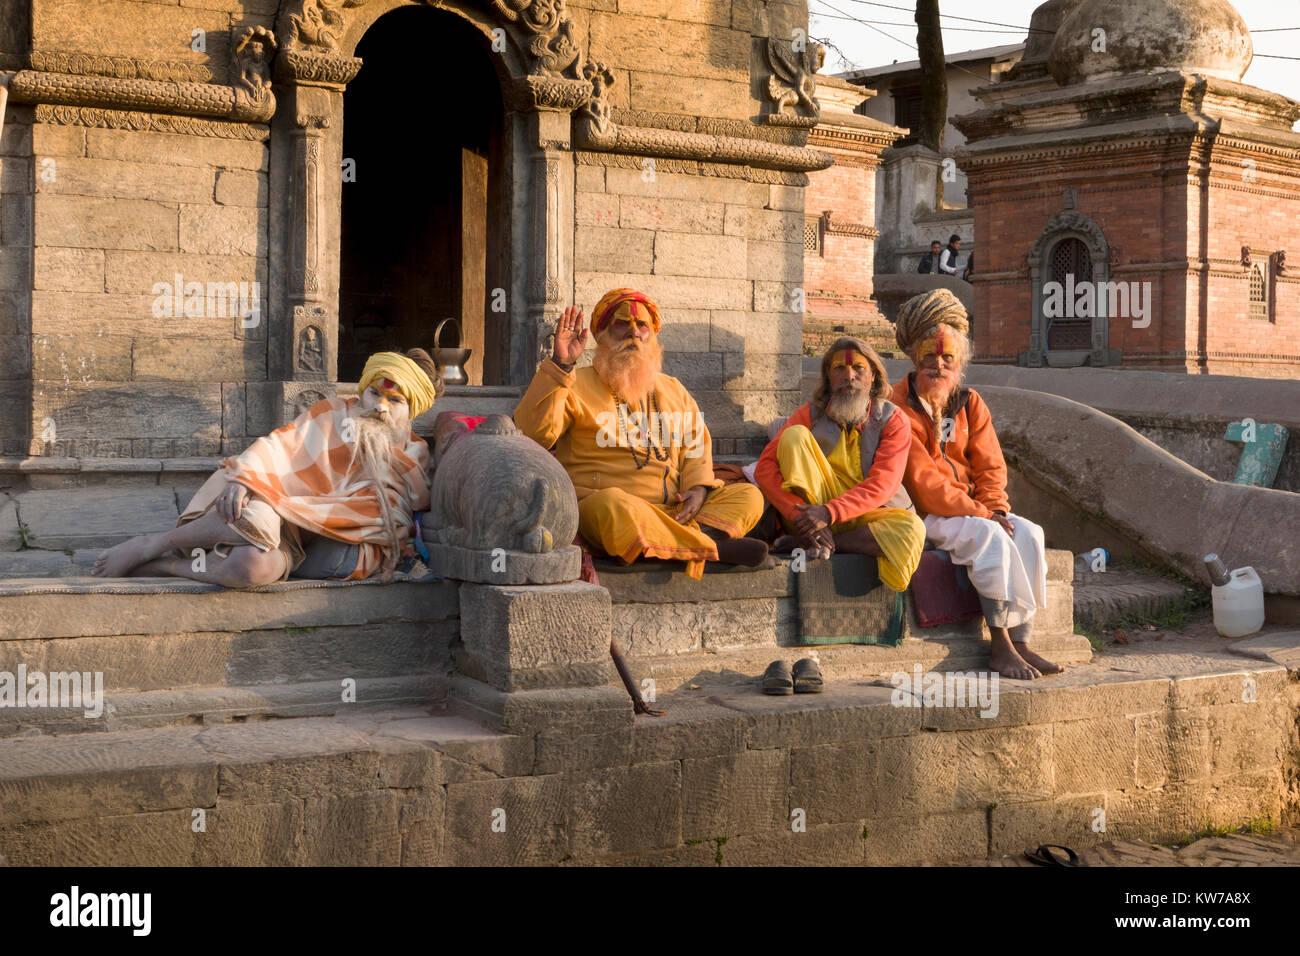 Sadhus holy men at Pashupatinath Temple in Kathmandu, Nepal - Stock Image